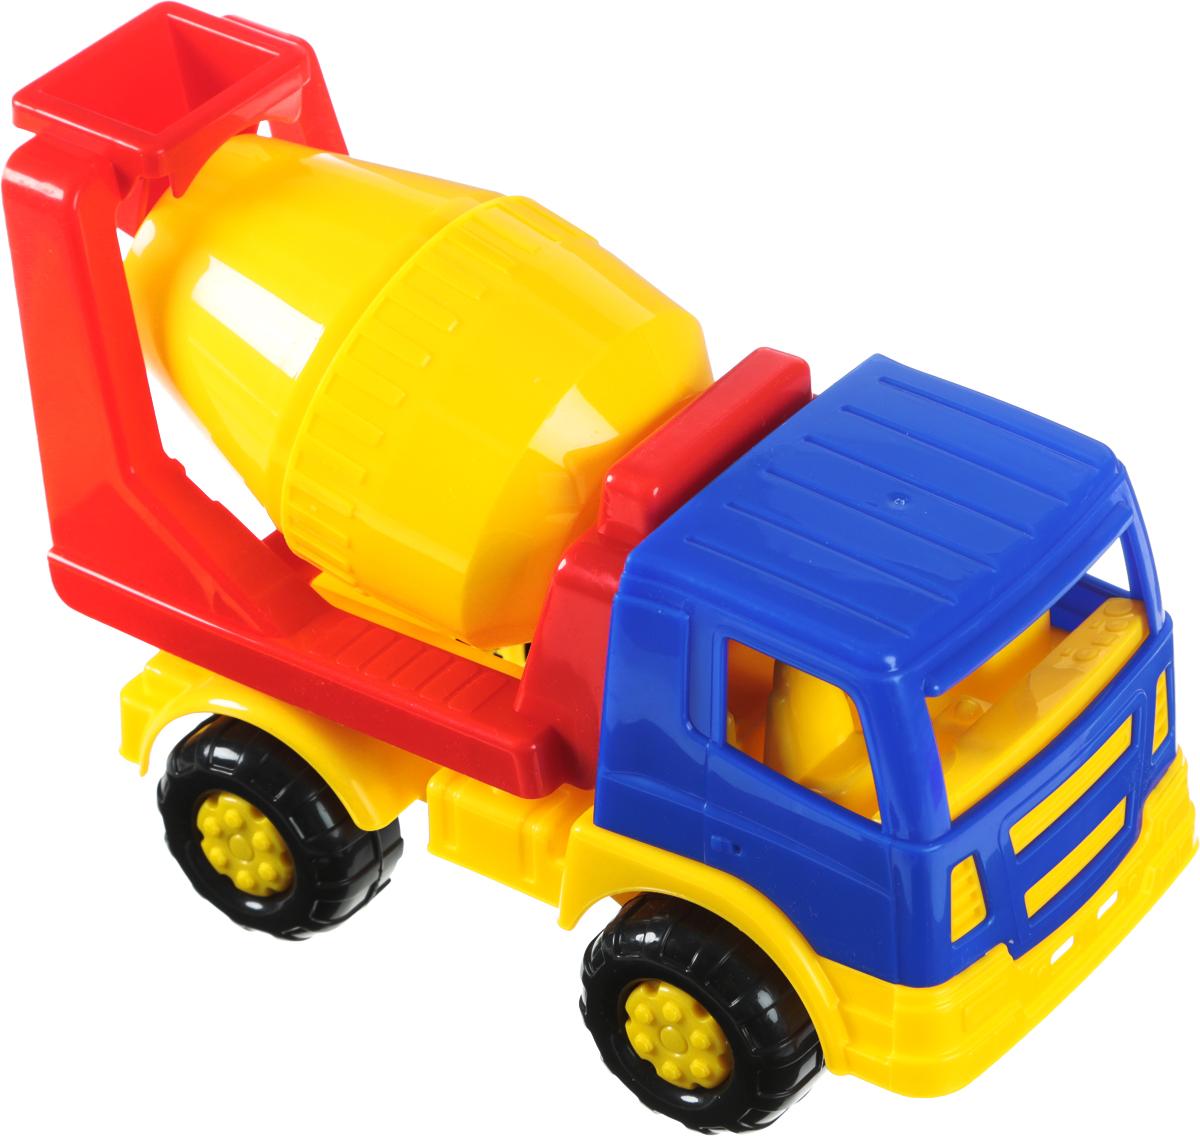 Полесье Автомобиль-бетоновоз Салют цвет кабины синий полесье гоночный автомобиль торнадо цвет желтый